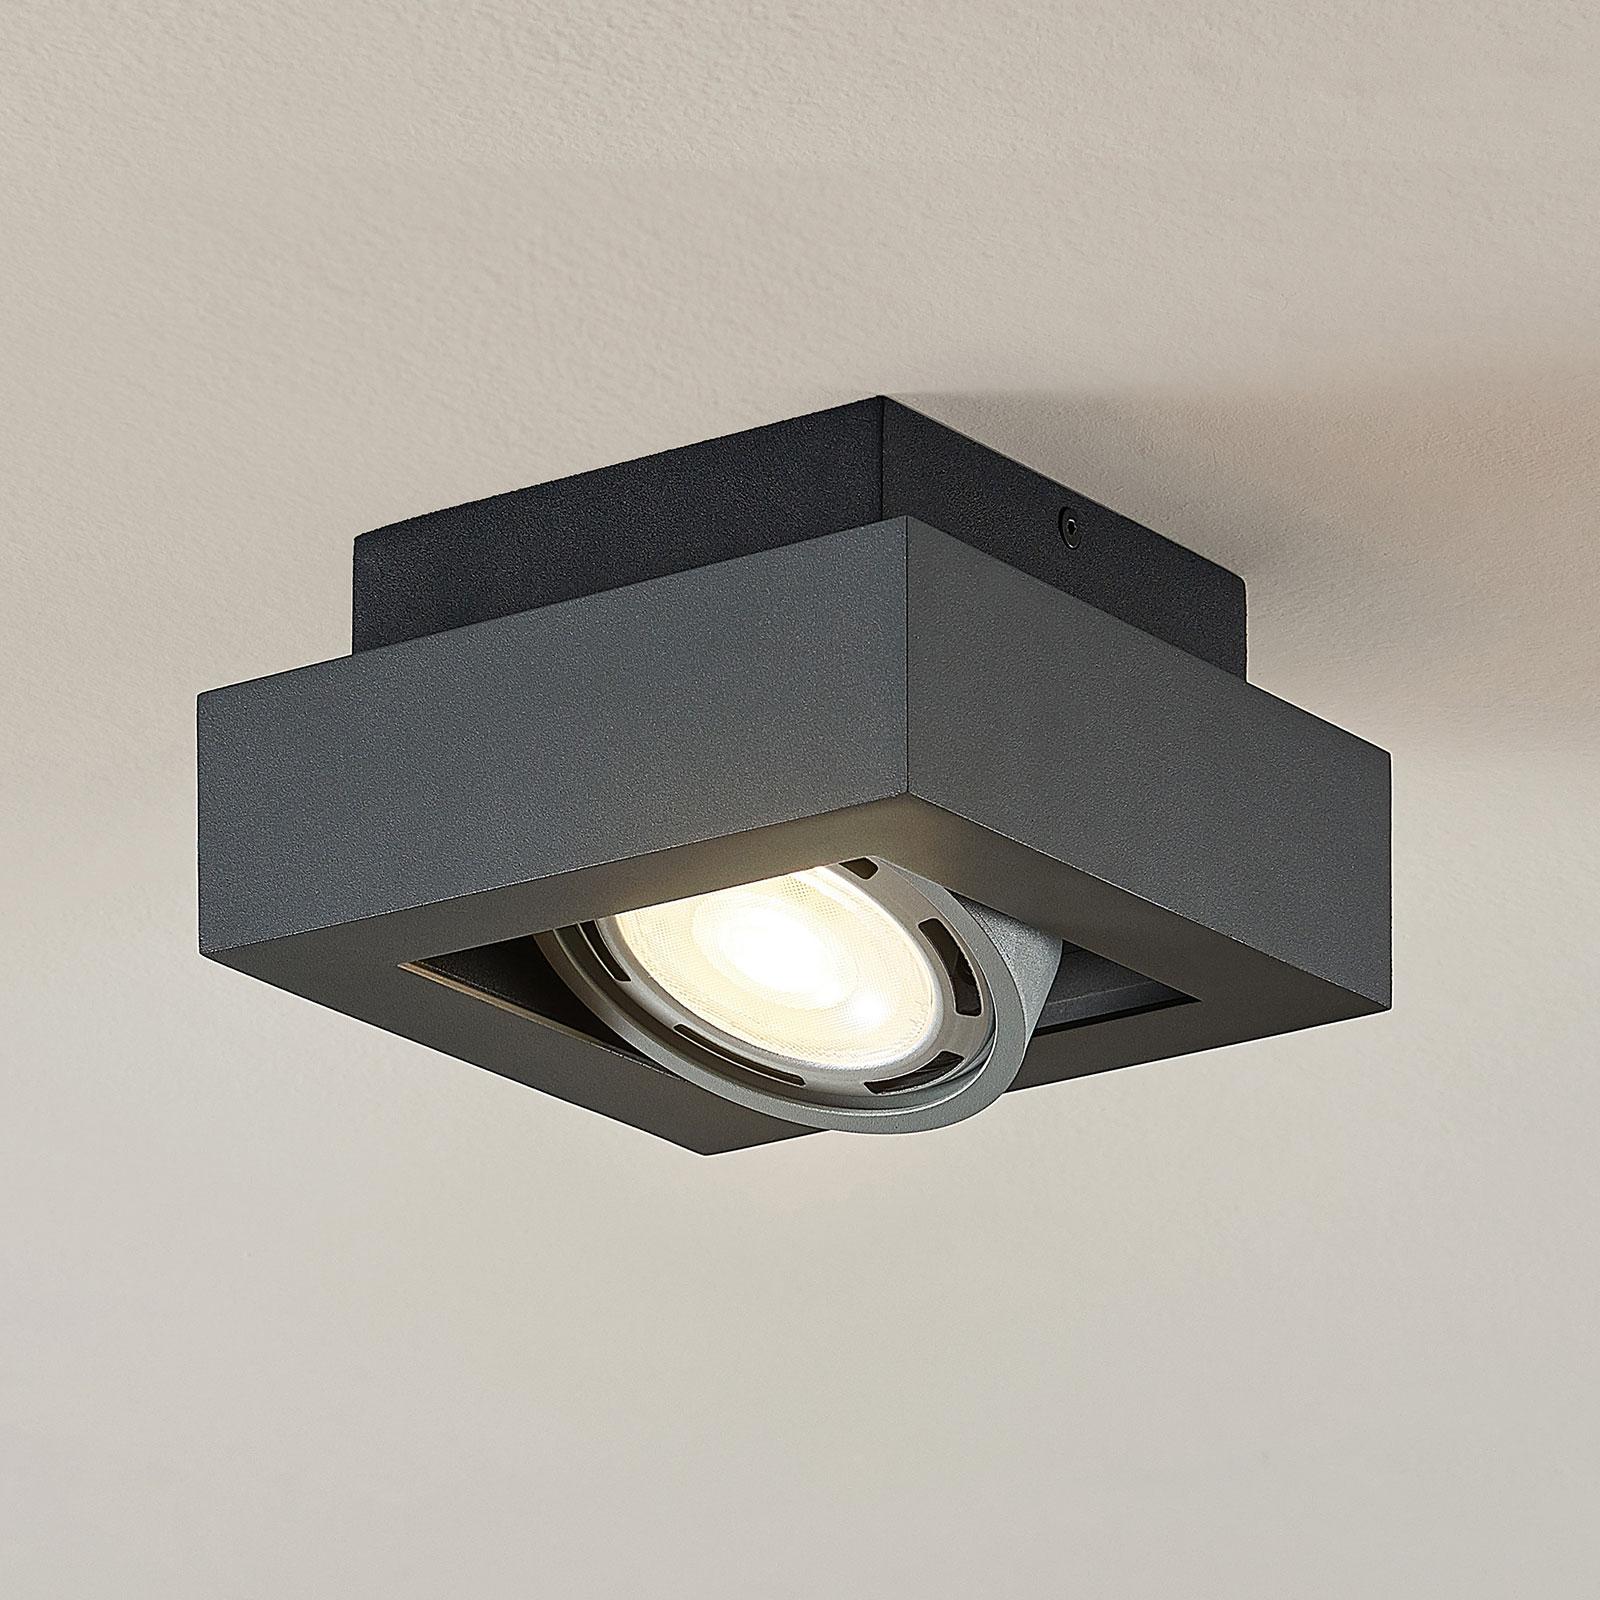 Spot sufitowy LED Ronka, GU10, 1-pkt., ciemnoszary